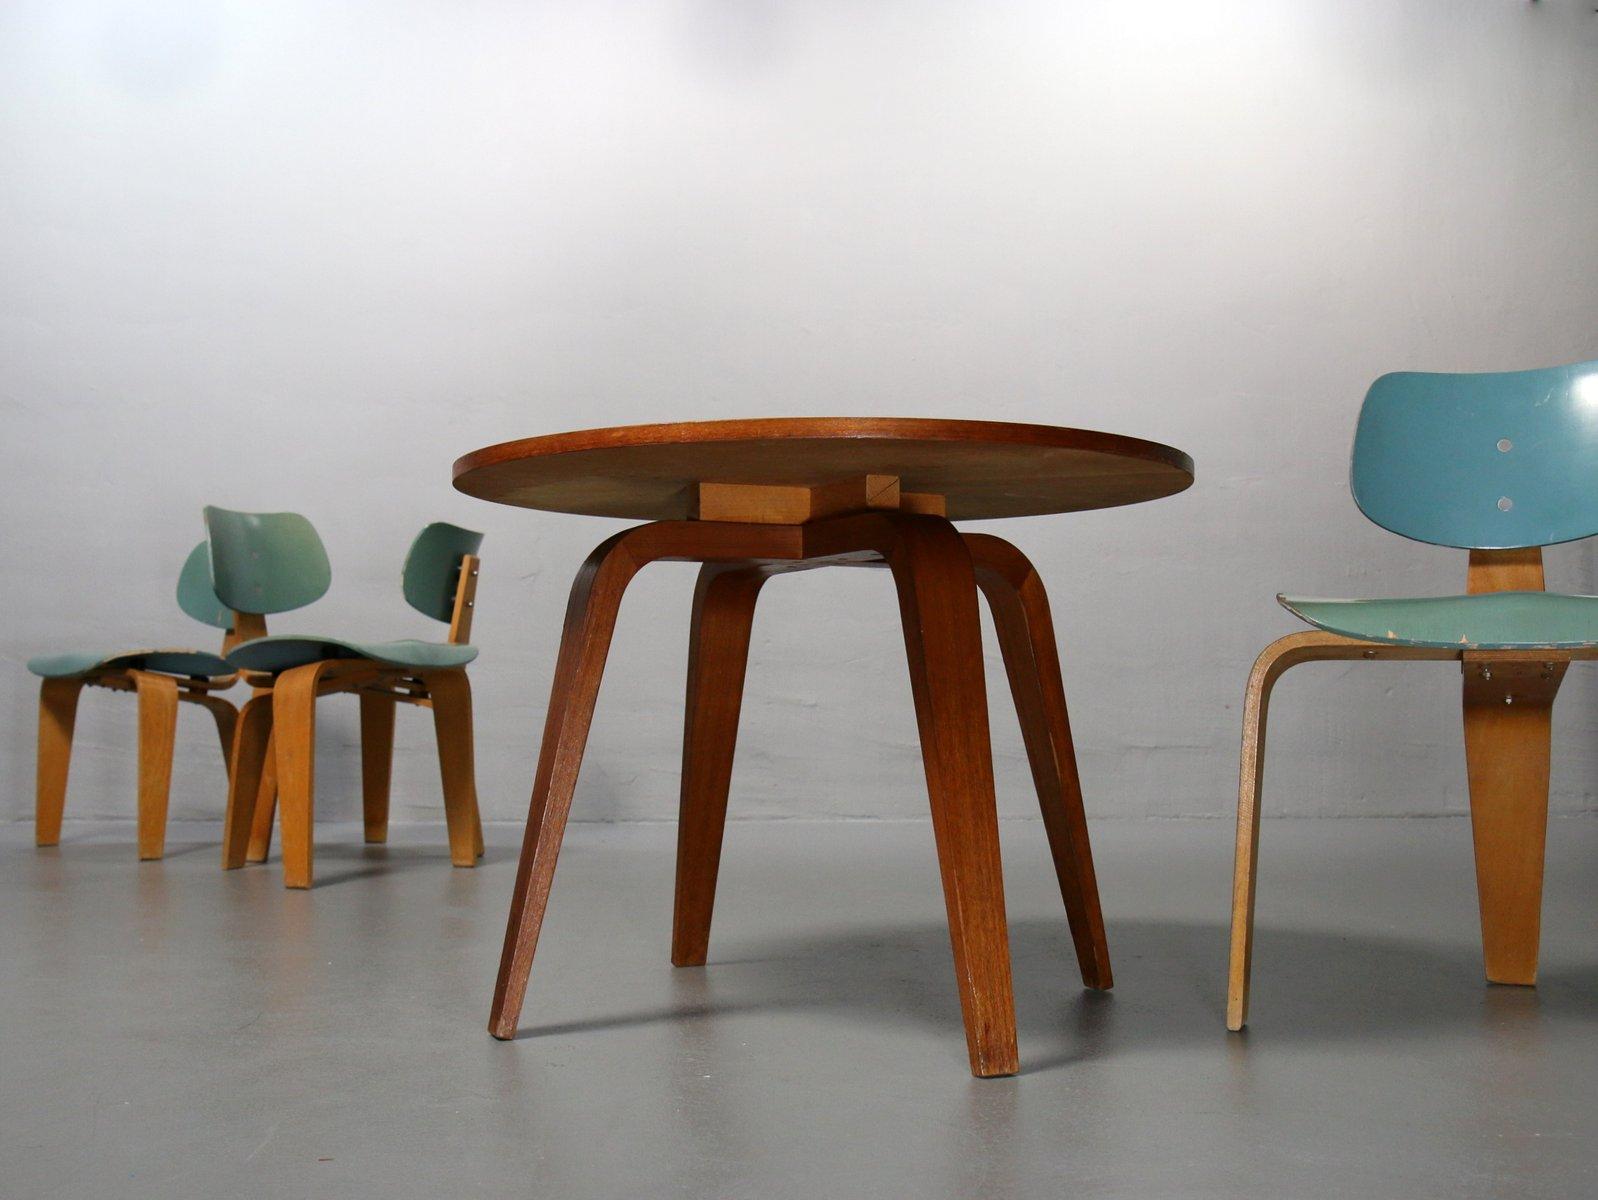 vintage tisch st hle von egon eiermann f r spieth. Black Bedroom Furniture Sets. Home Design Ideas